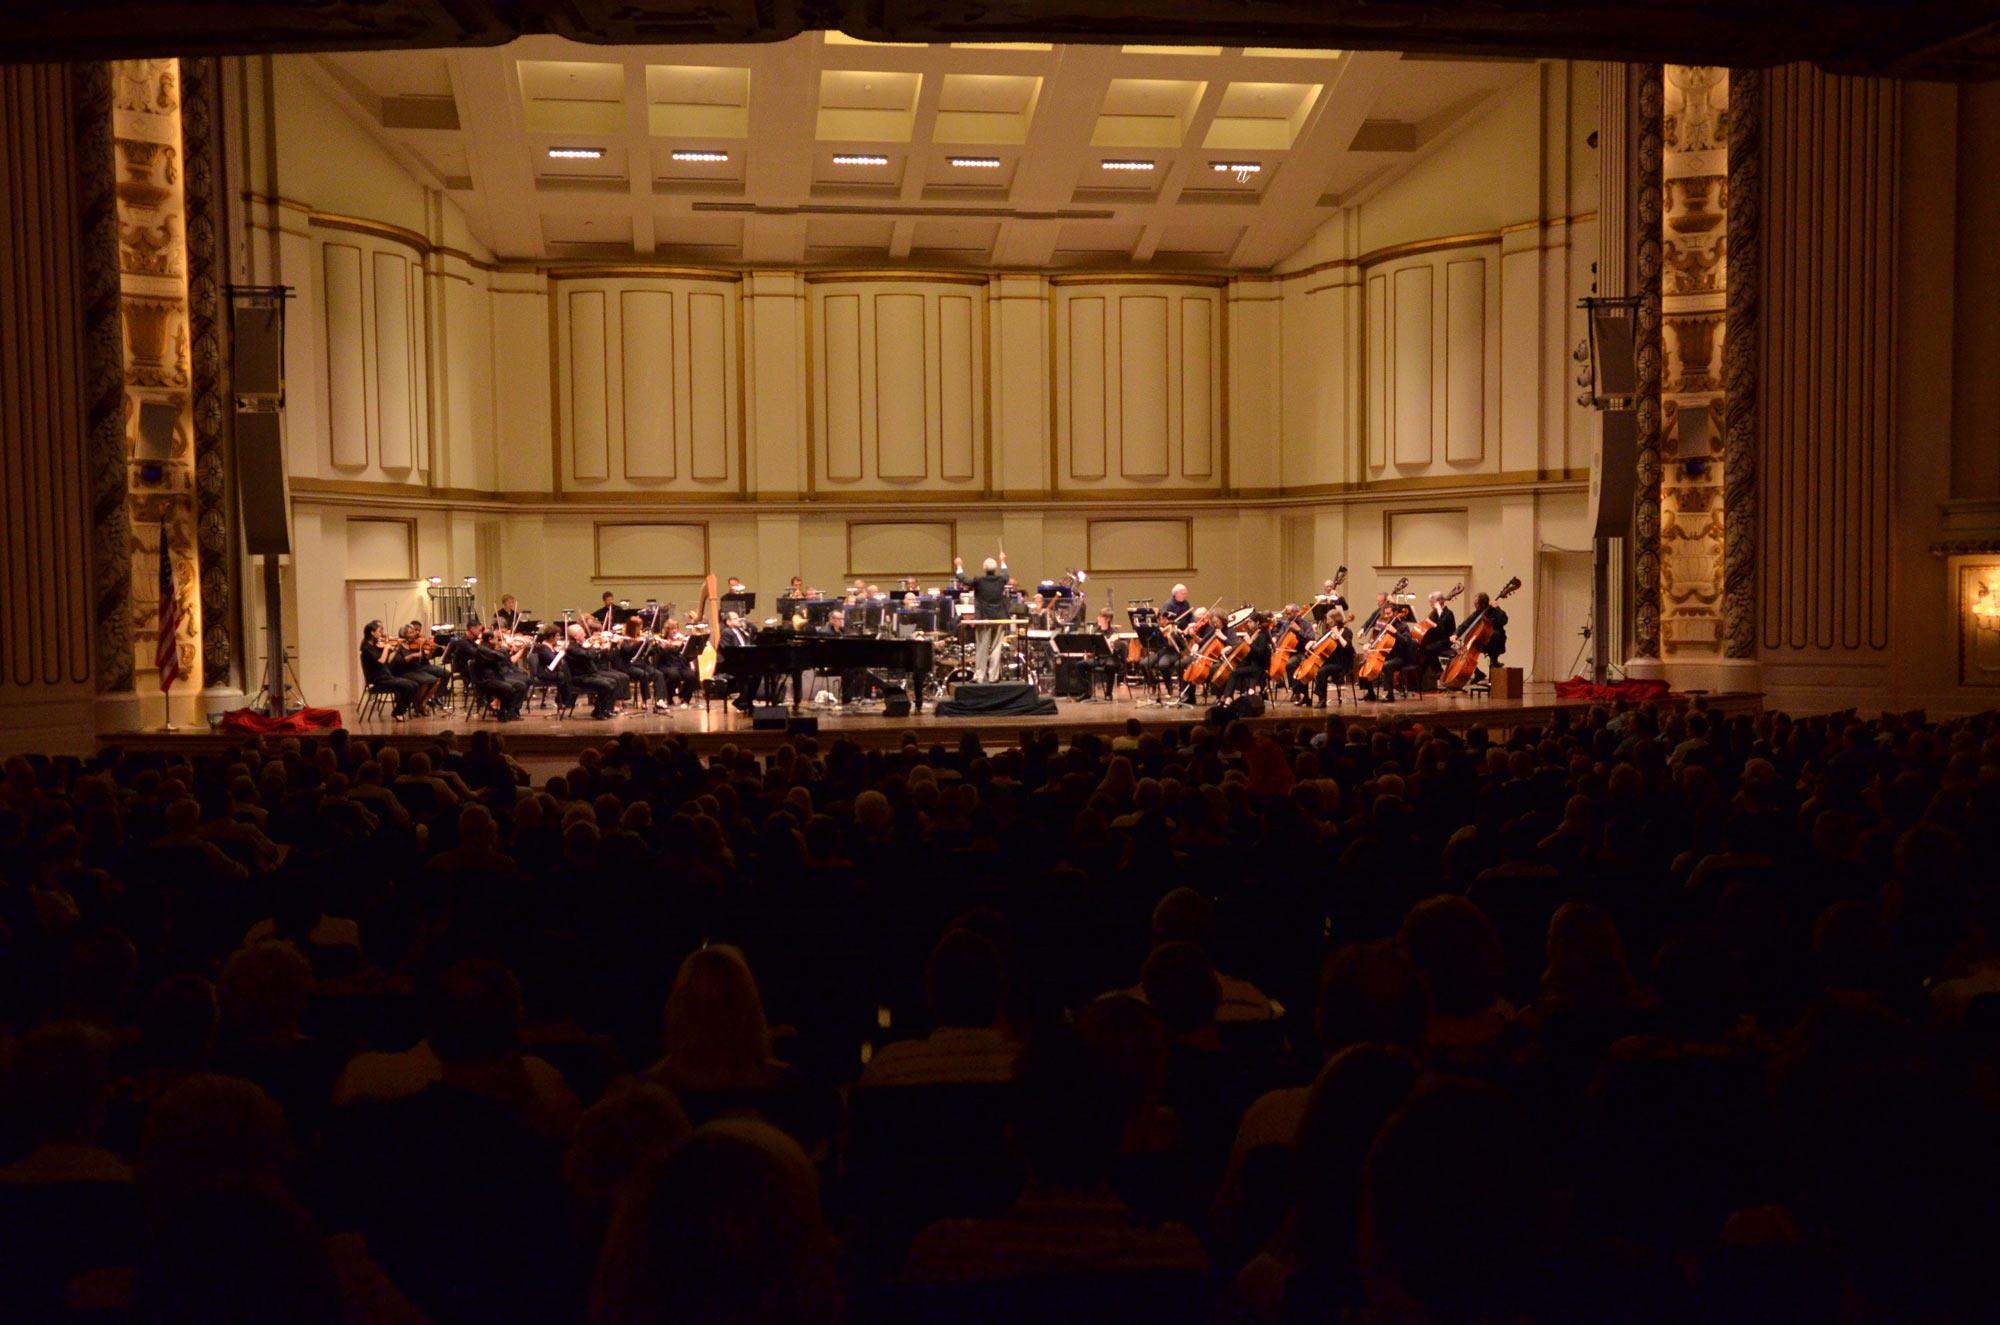 The St Louis Symphony